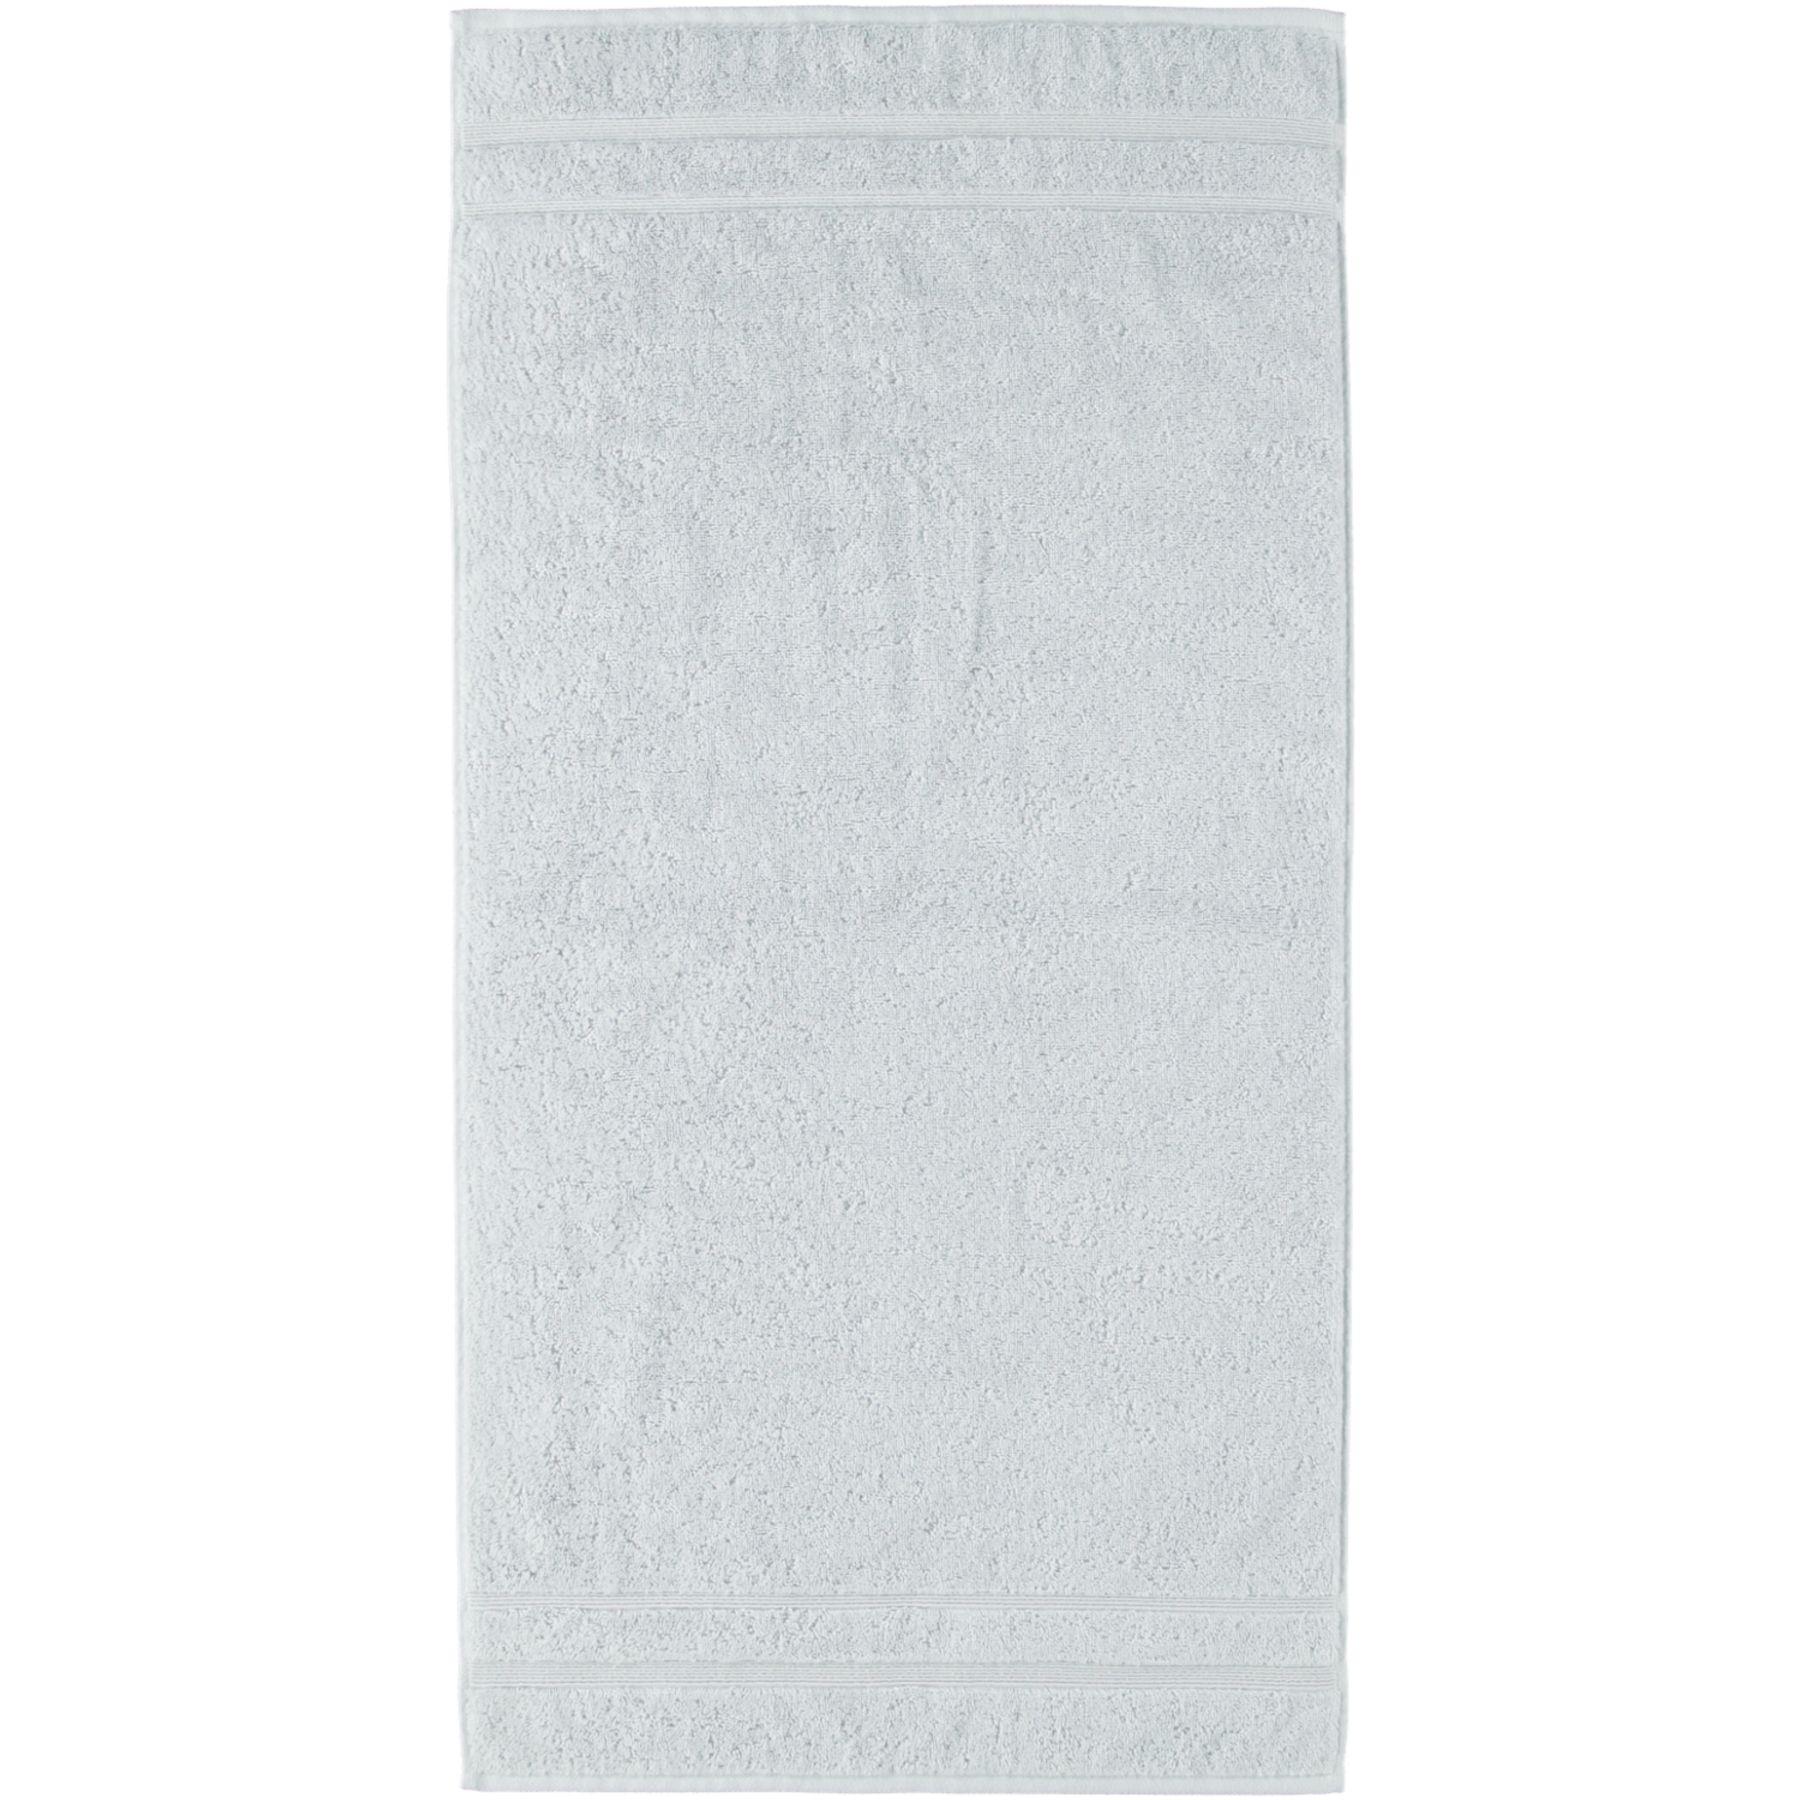 Cawö - Handtuch in verschiedenen Größen - Luxury Home (6000) – Bild 7